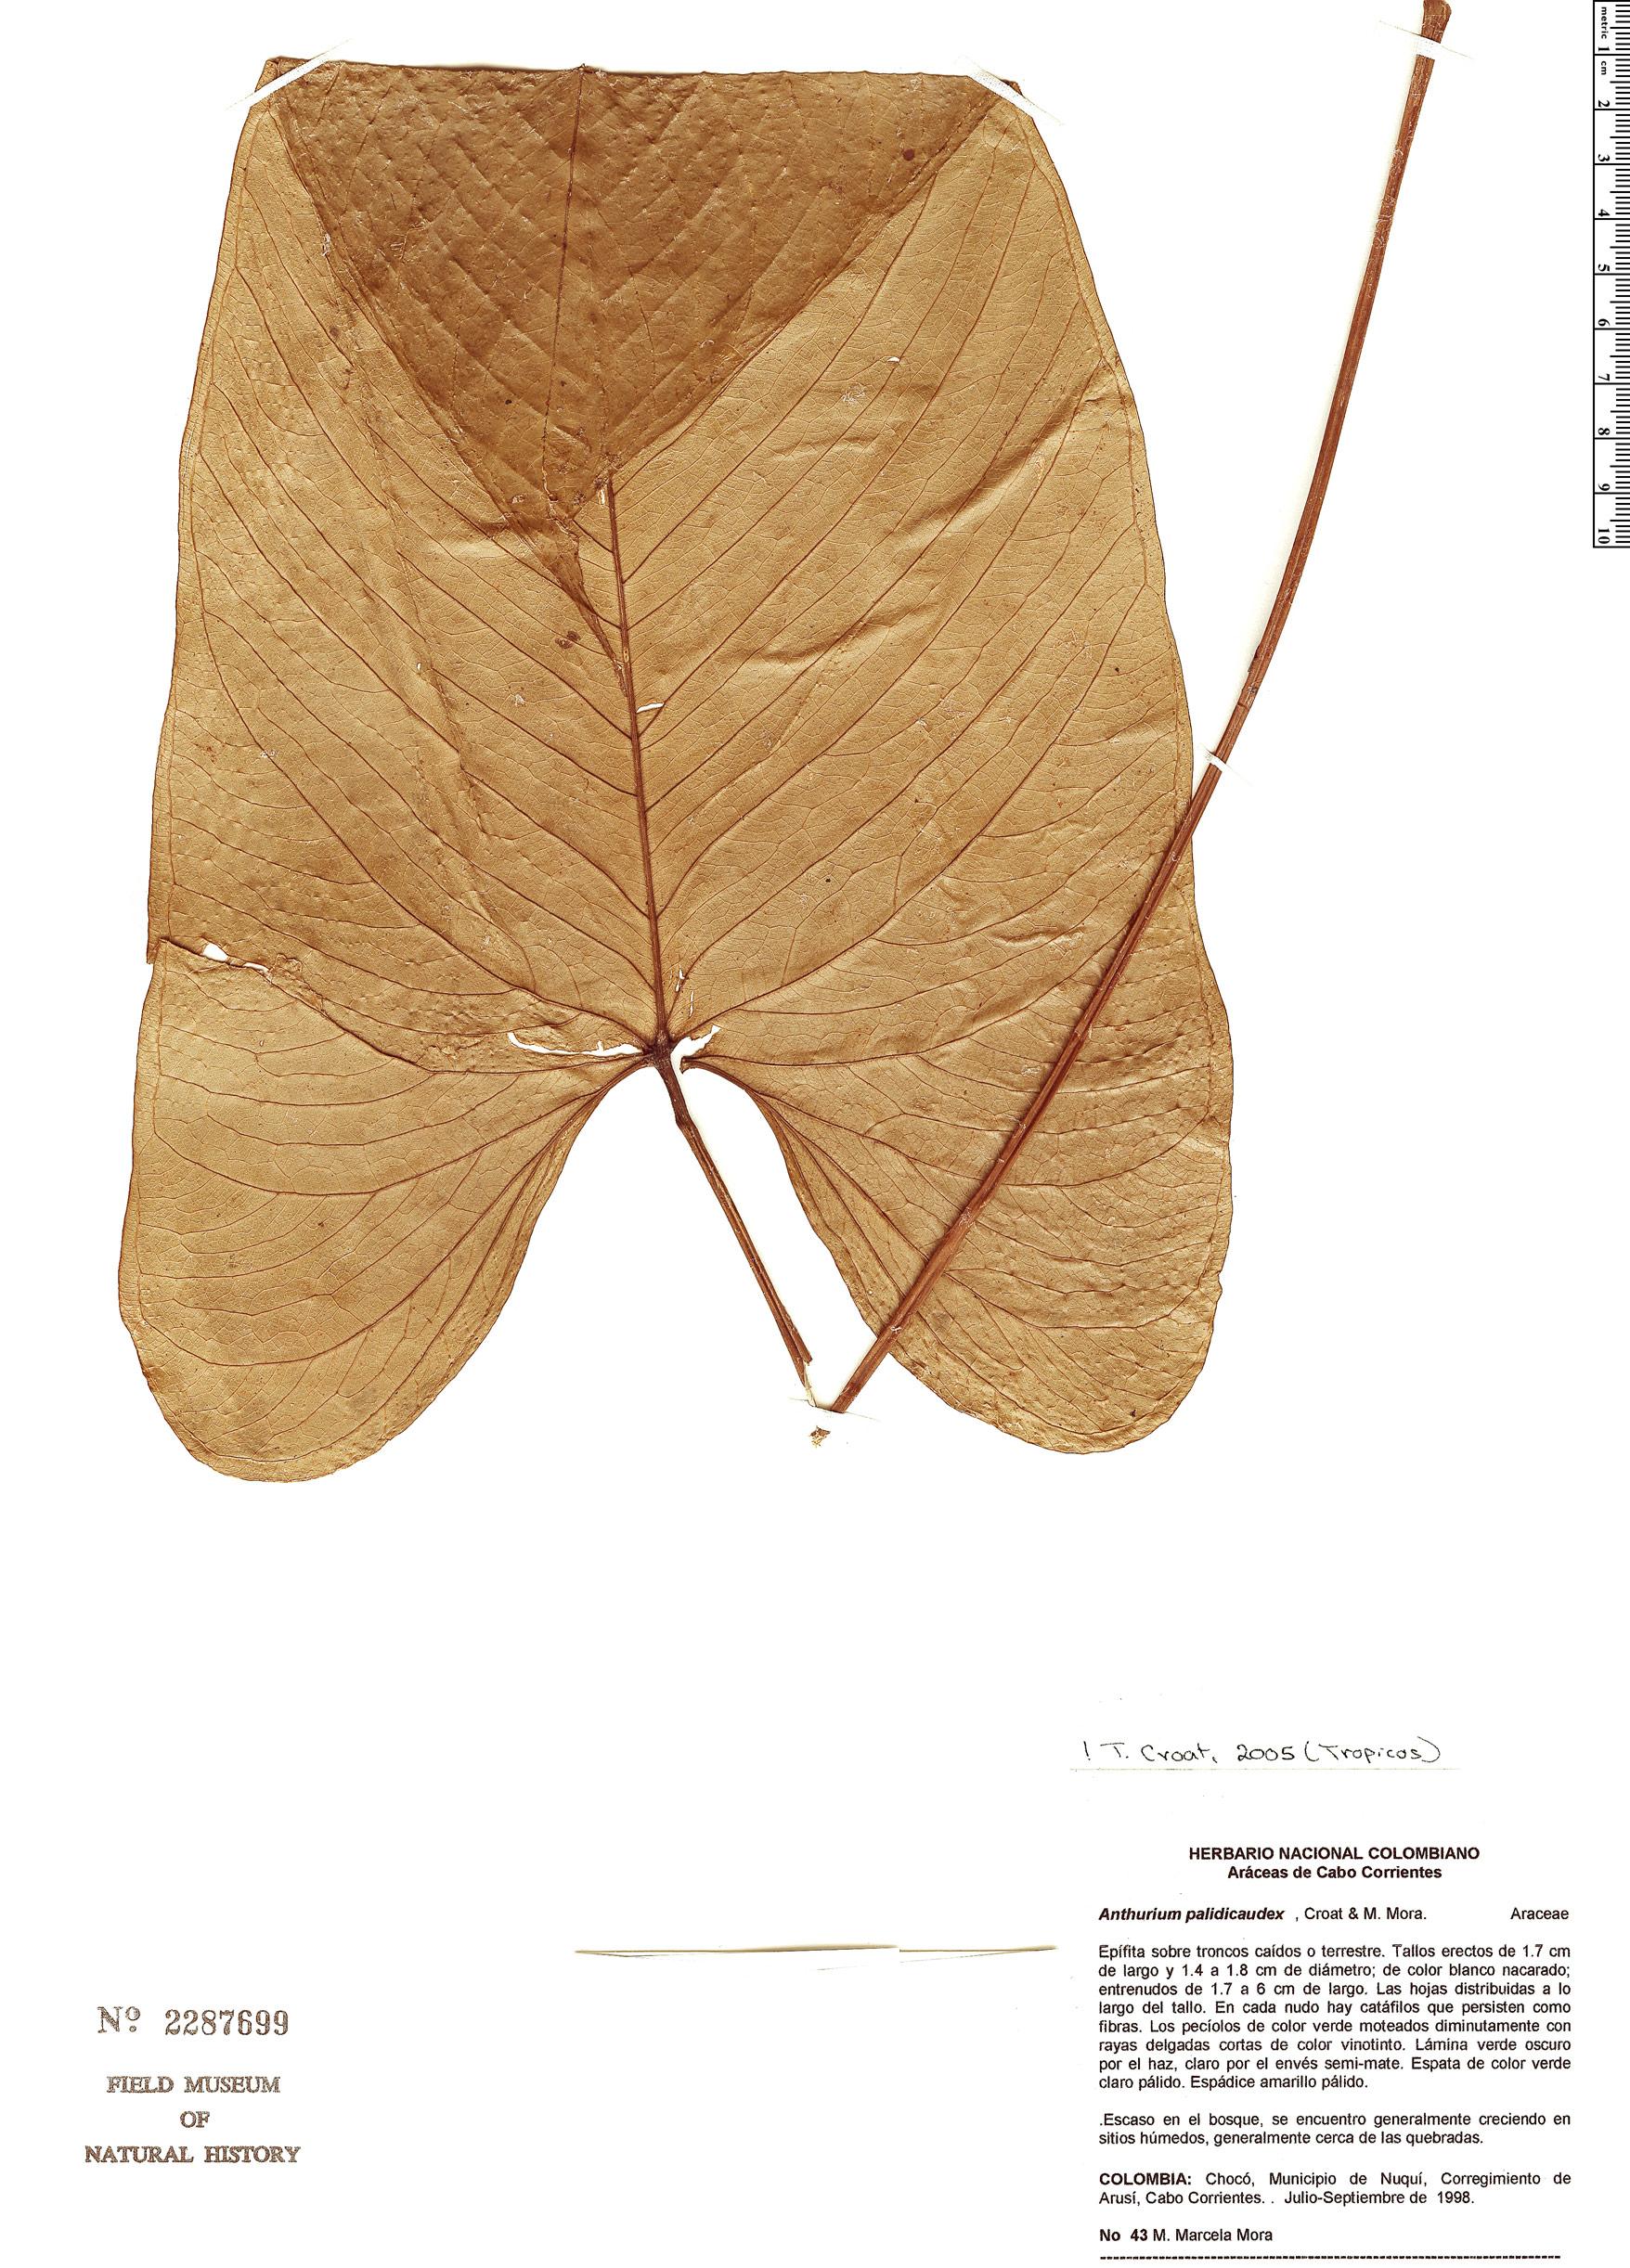 Specimen: Anthurium palidicaudex